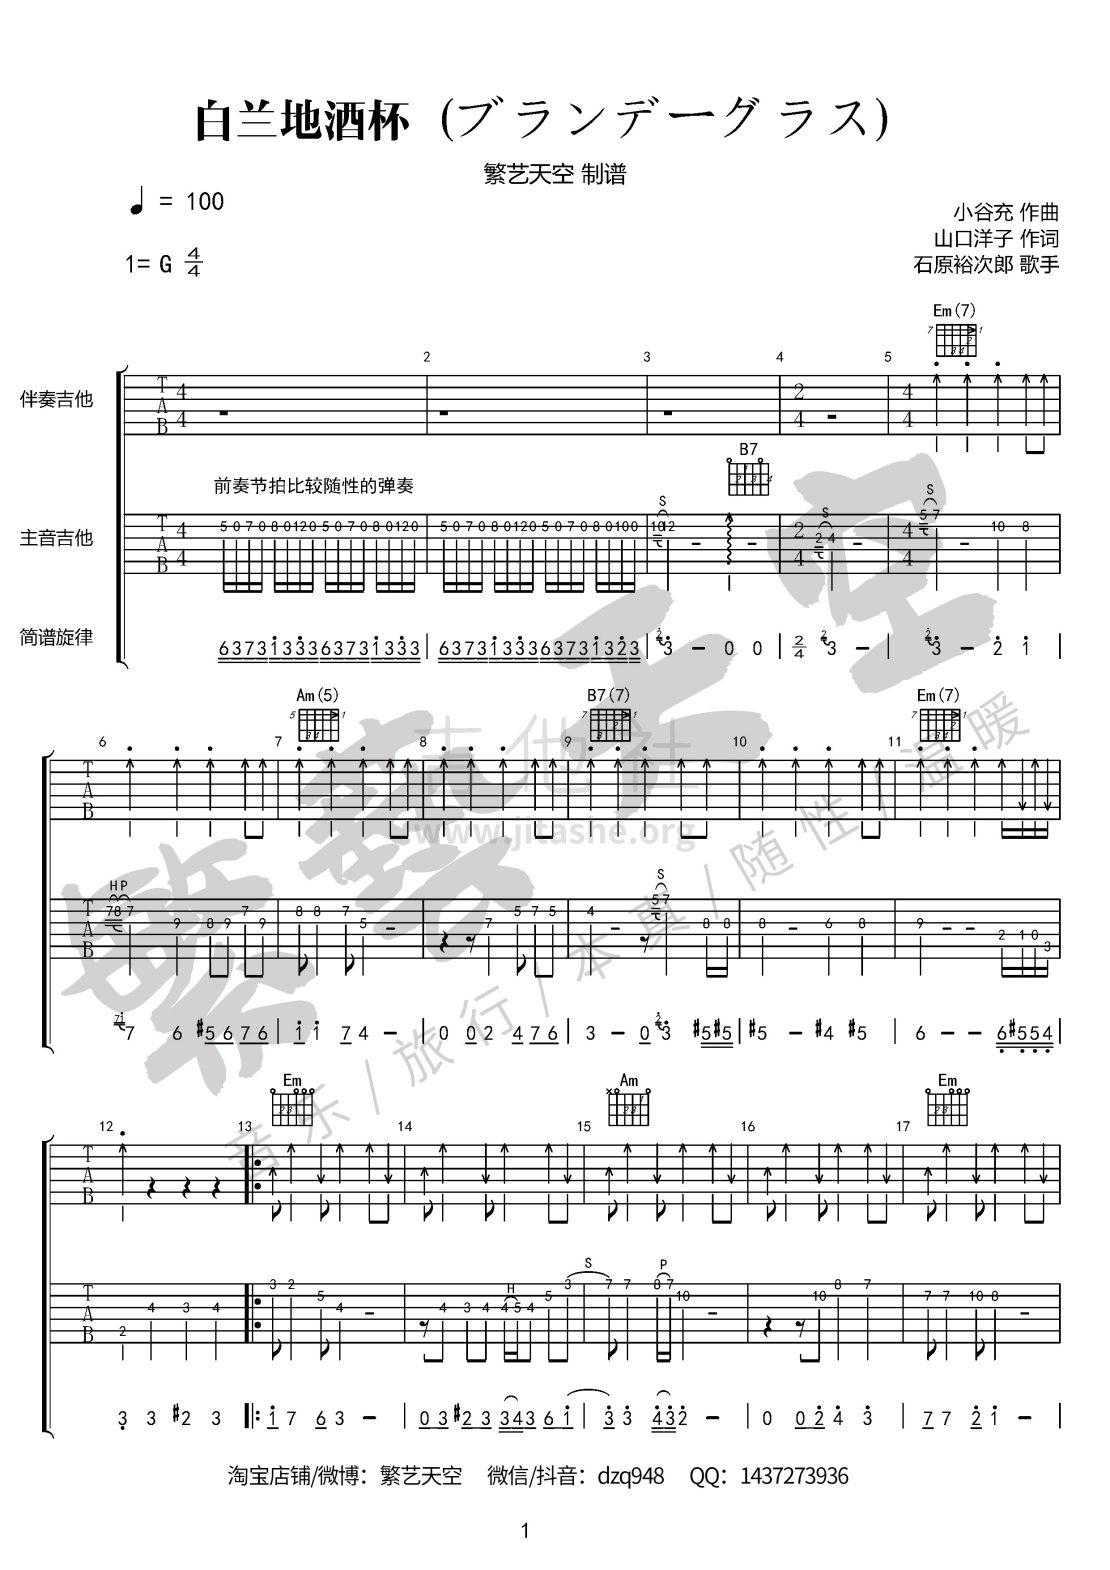 白兰地酒杯(ブランデーグラス)(繁艺天空制谱)吉他谱(图片谱,双吉他,独奏曲)_群星(Various Artists)_白兰地酒杯_页面_1.jpg